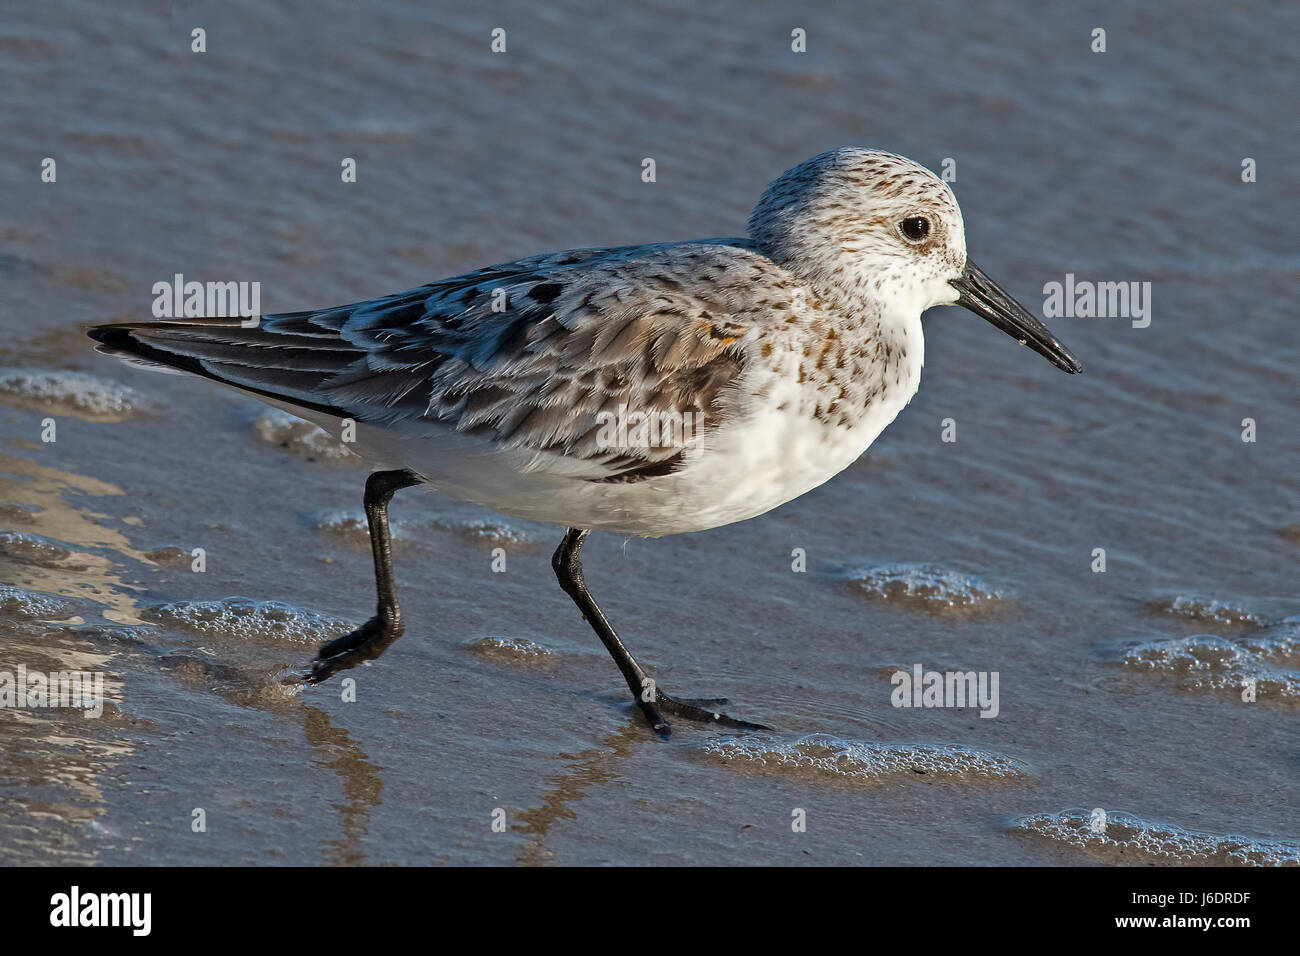 Sanderling - Stock Image